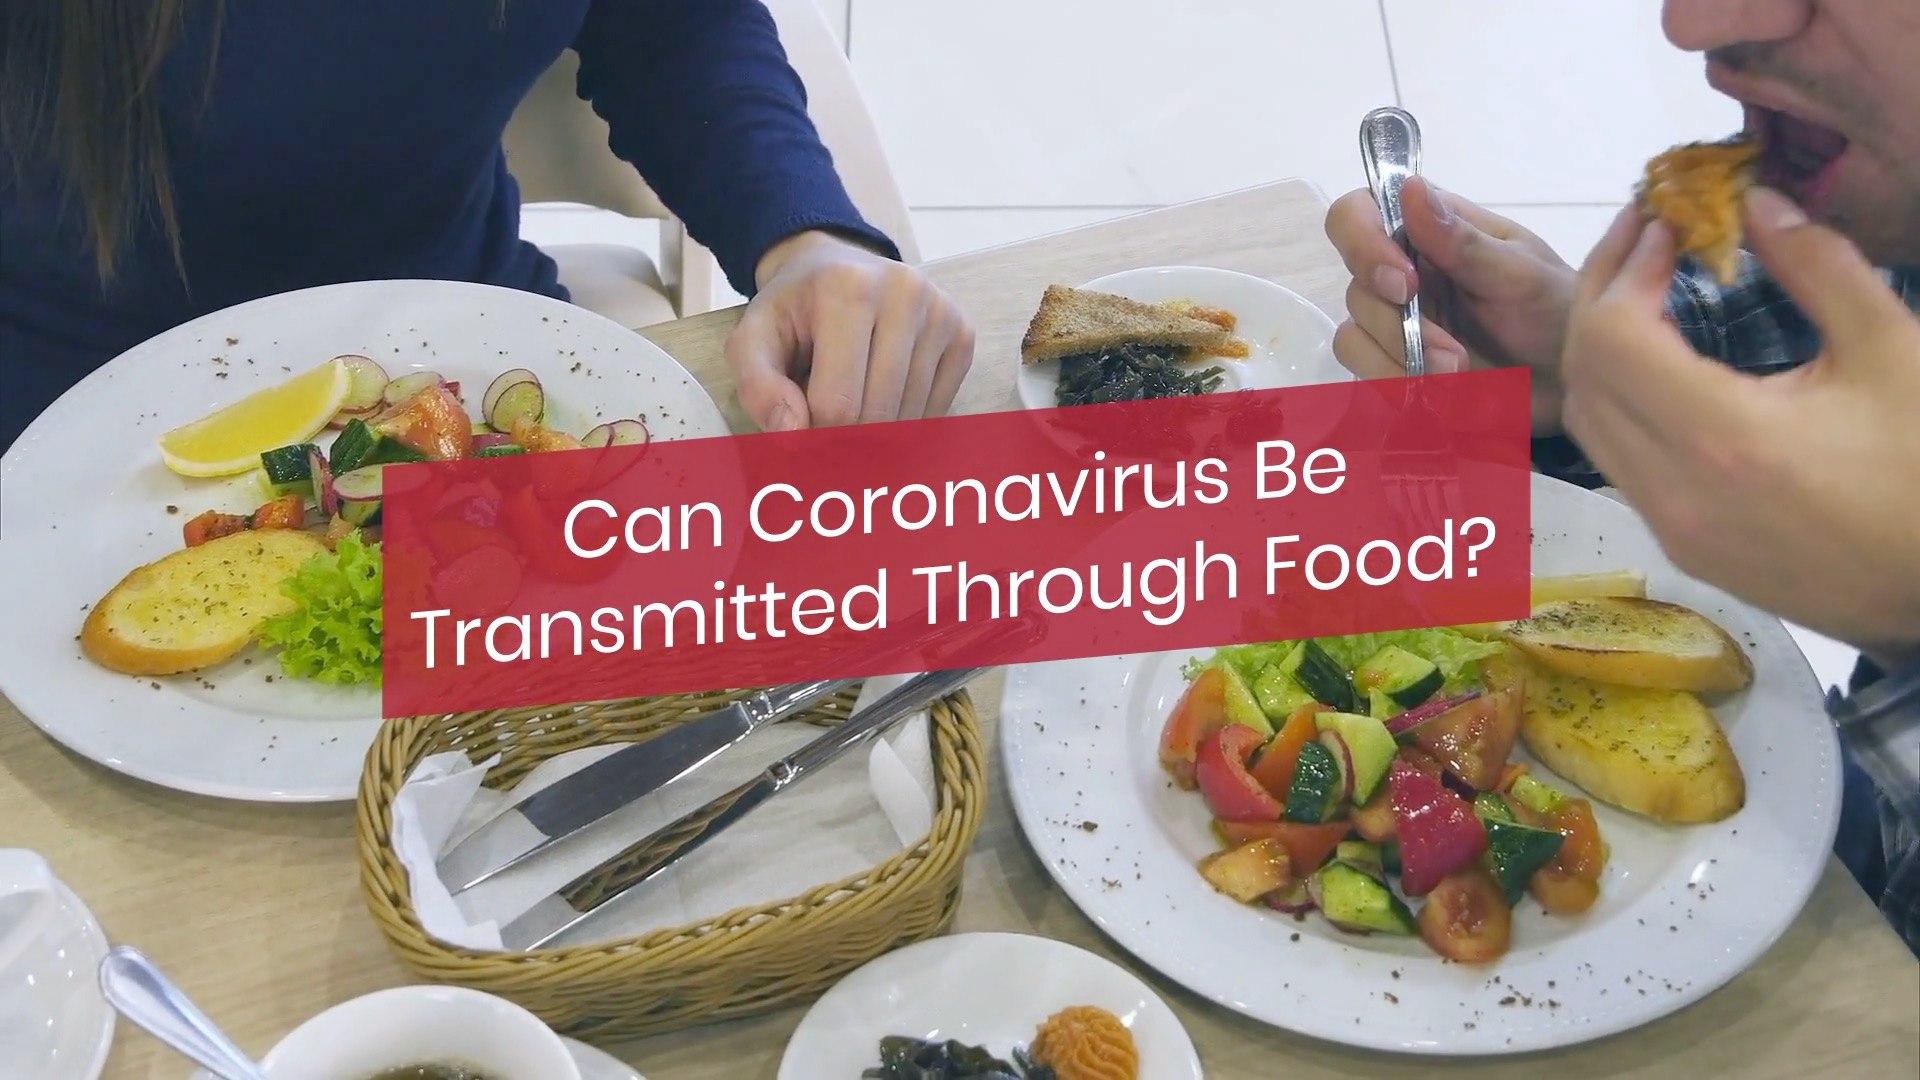 Coronavirus And Food